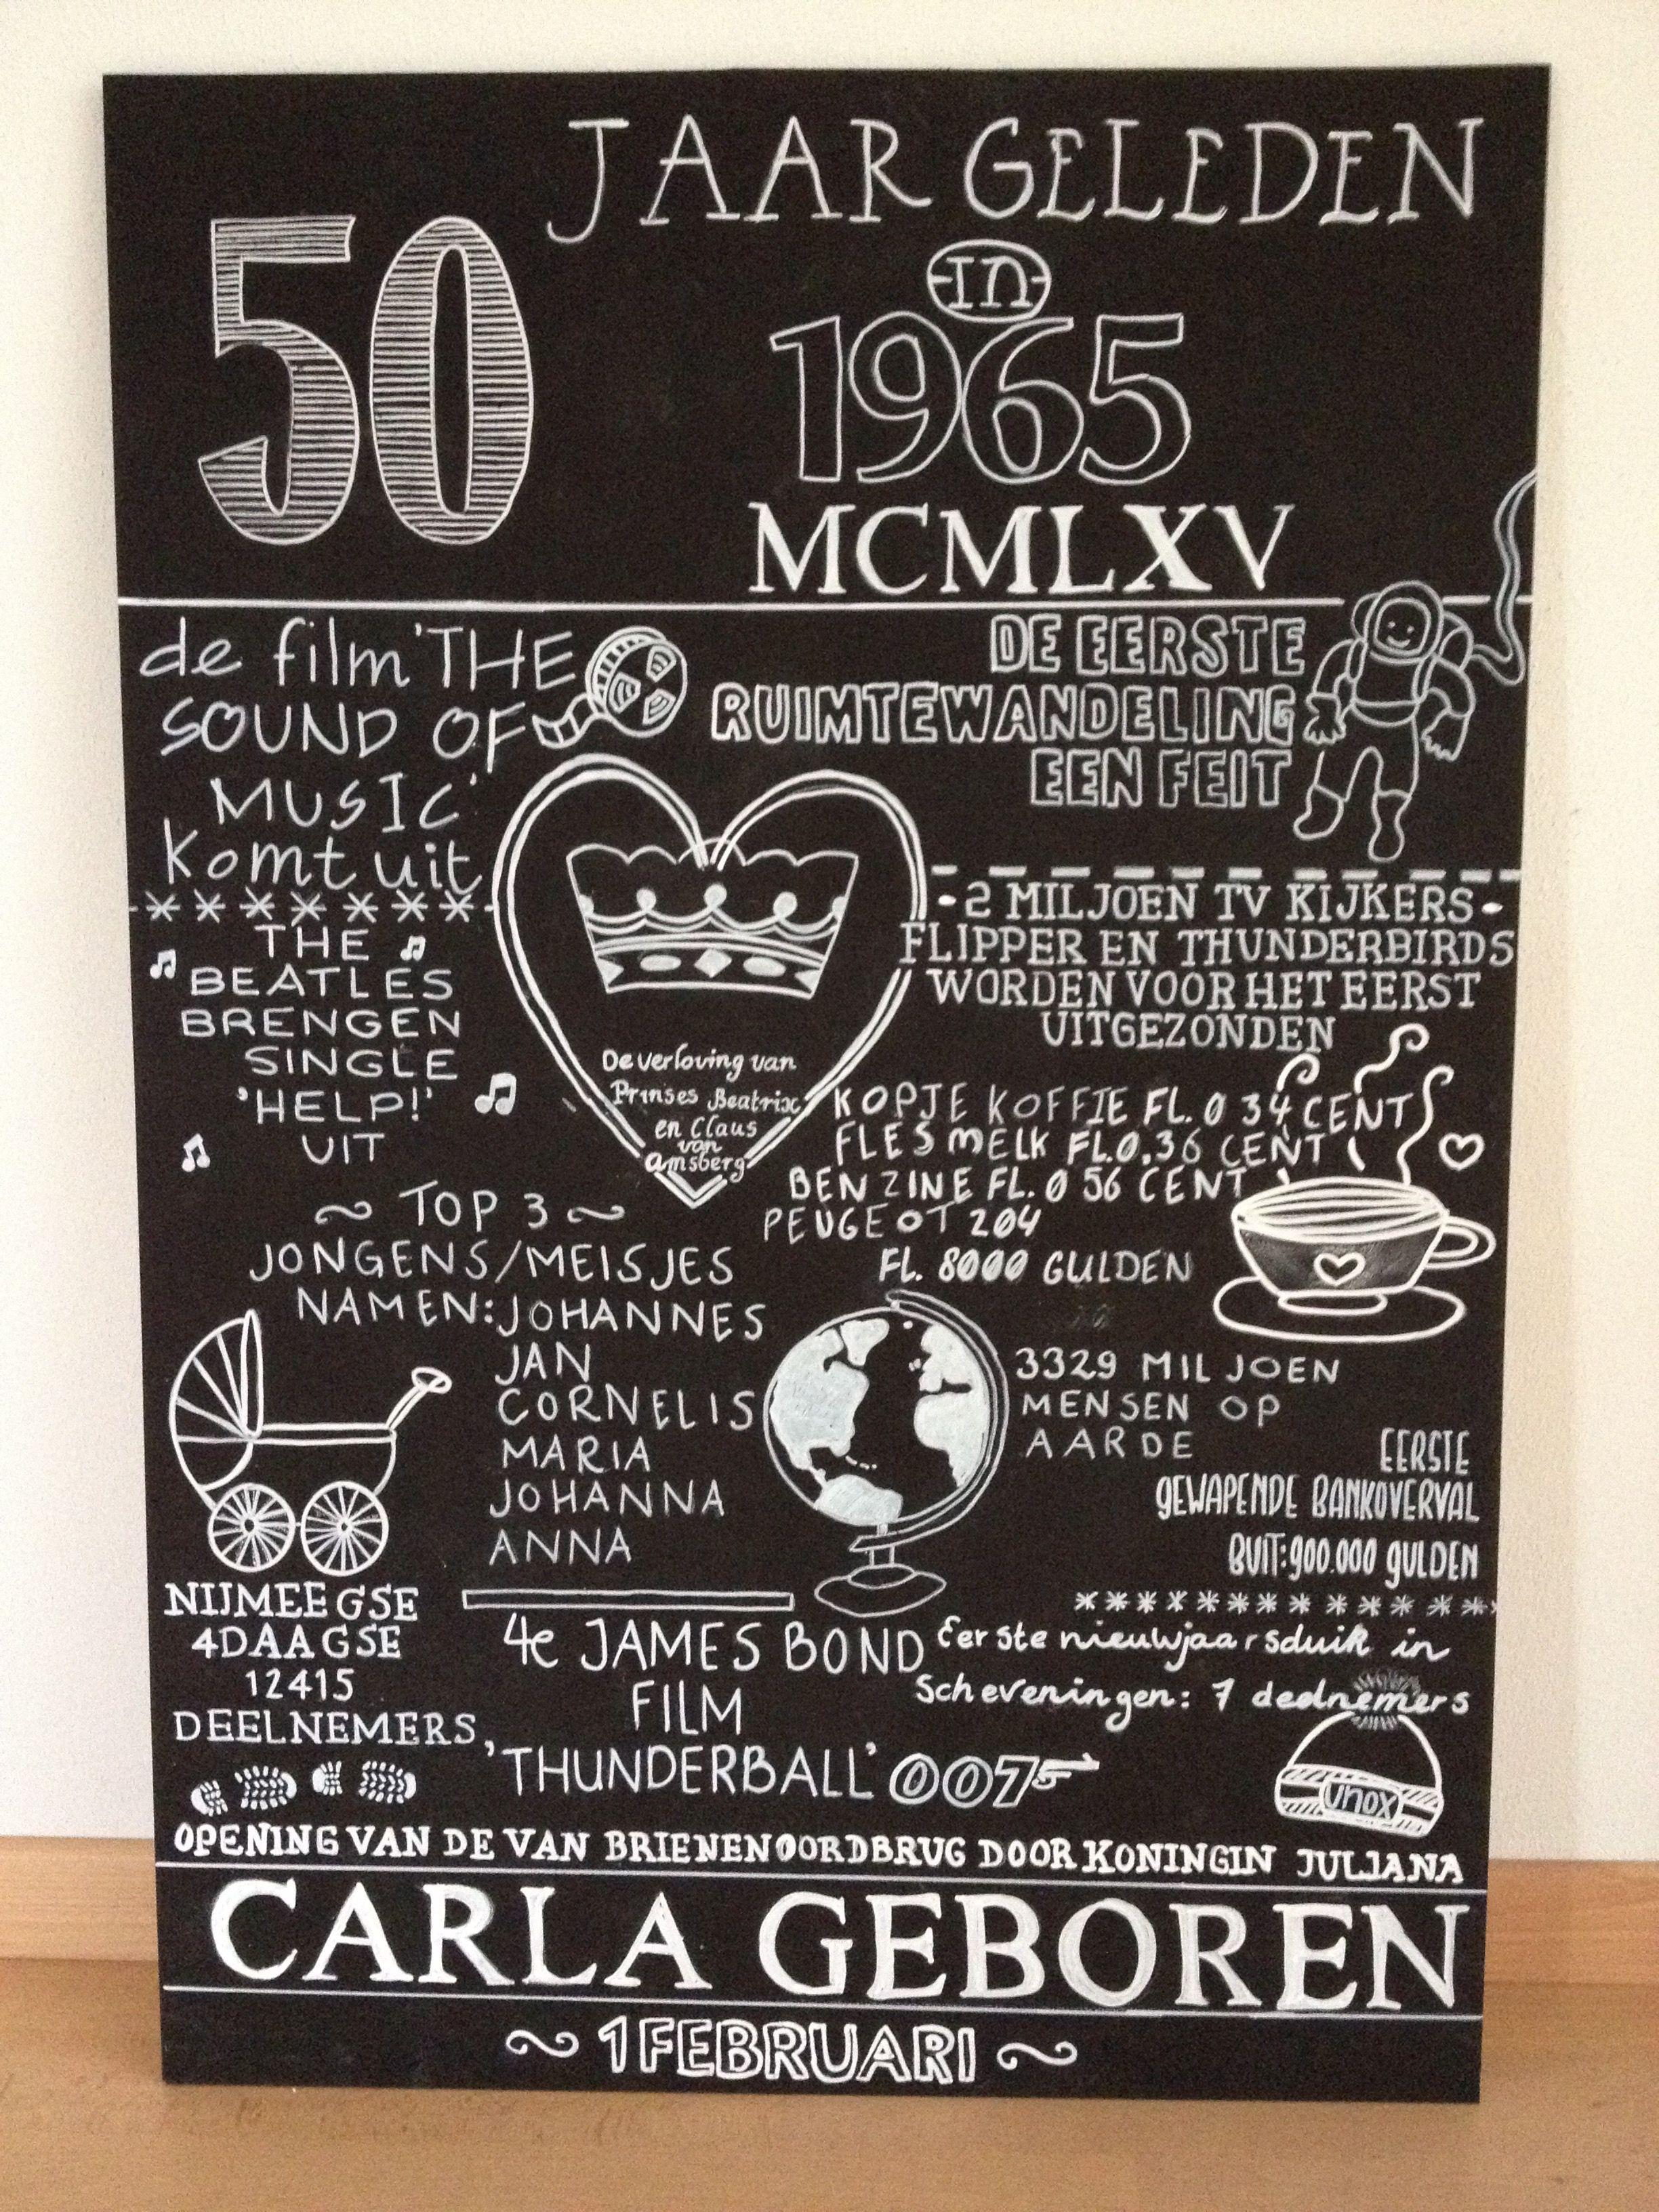 kado moeder 50 jaar Chalkboard 50 jaar! | 50 jaar | Pinterest | Chalkboards, 50th and Gift kado moeder 50 jaar